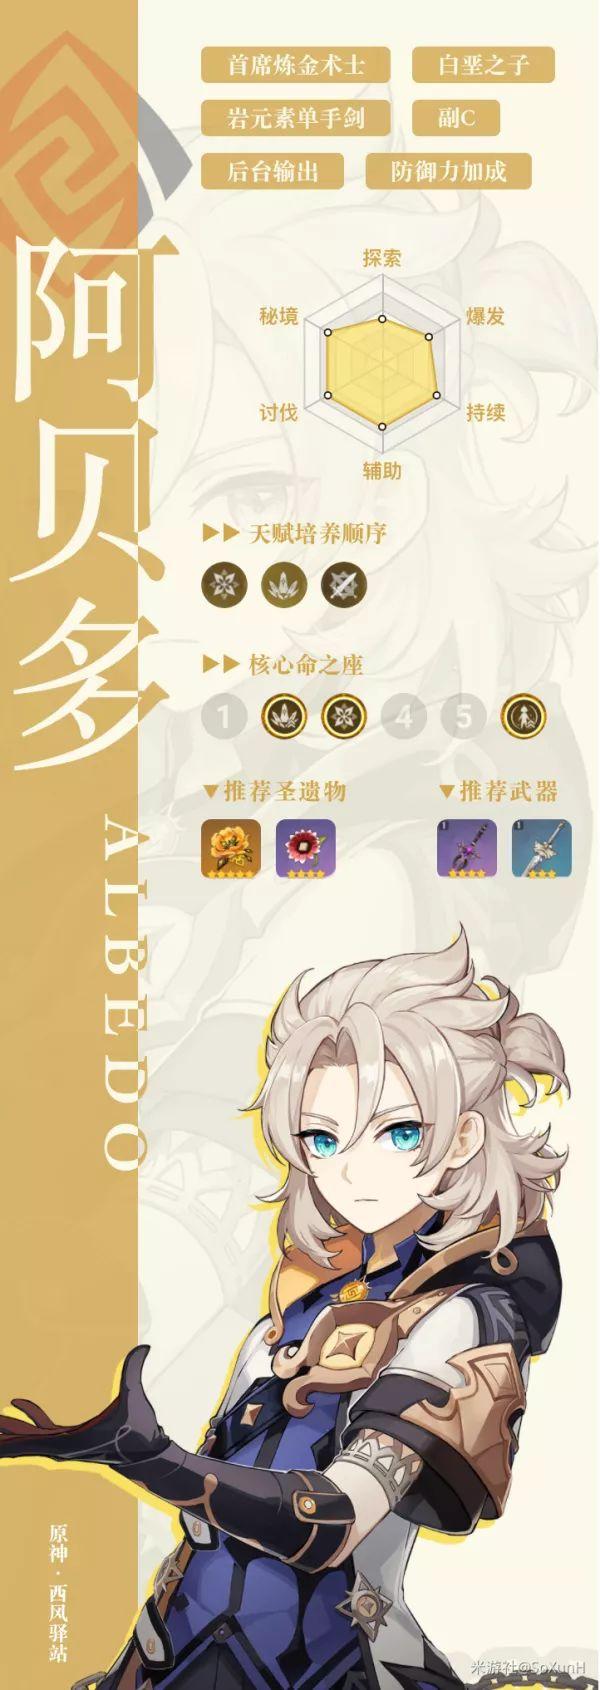 原神1.3角色图鉴 炼金术士阿贝多角色攻略